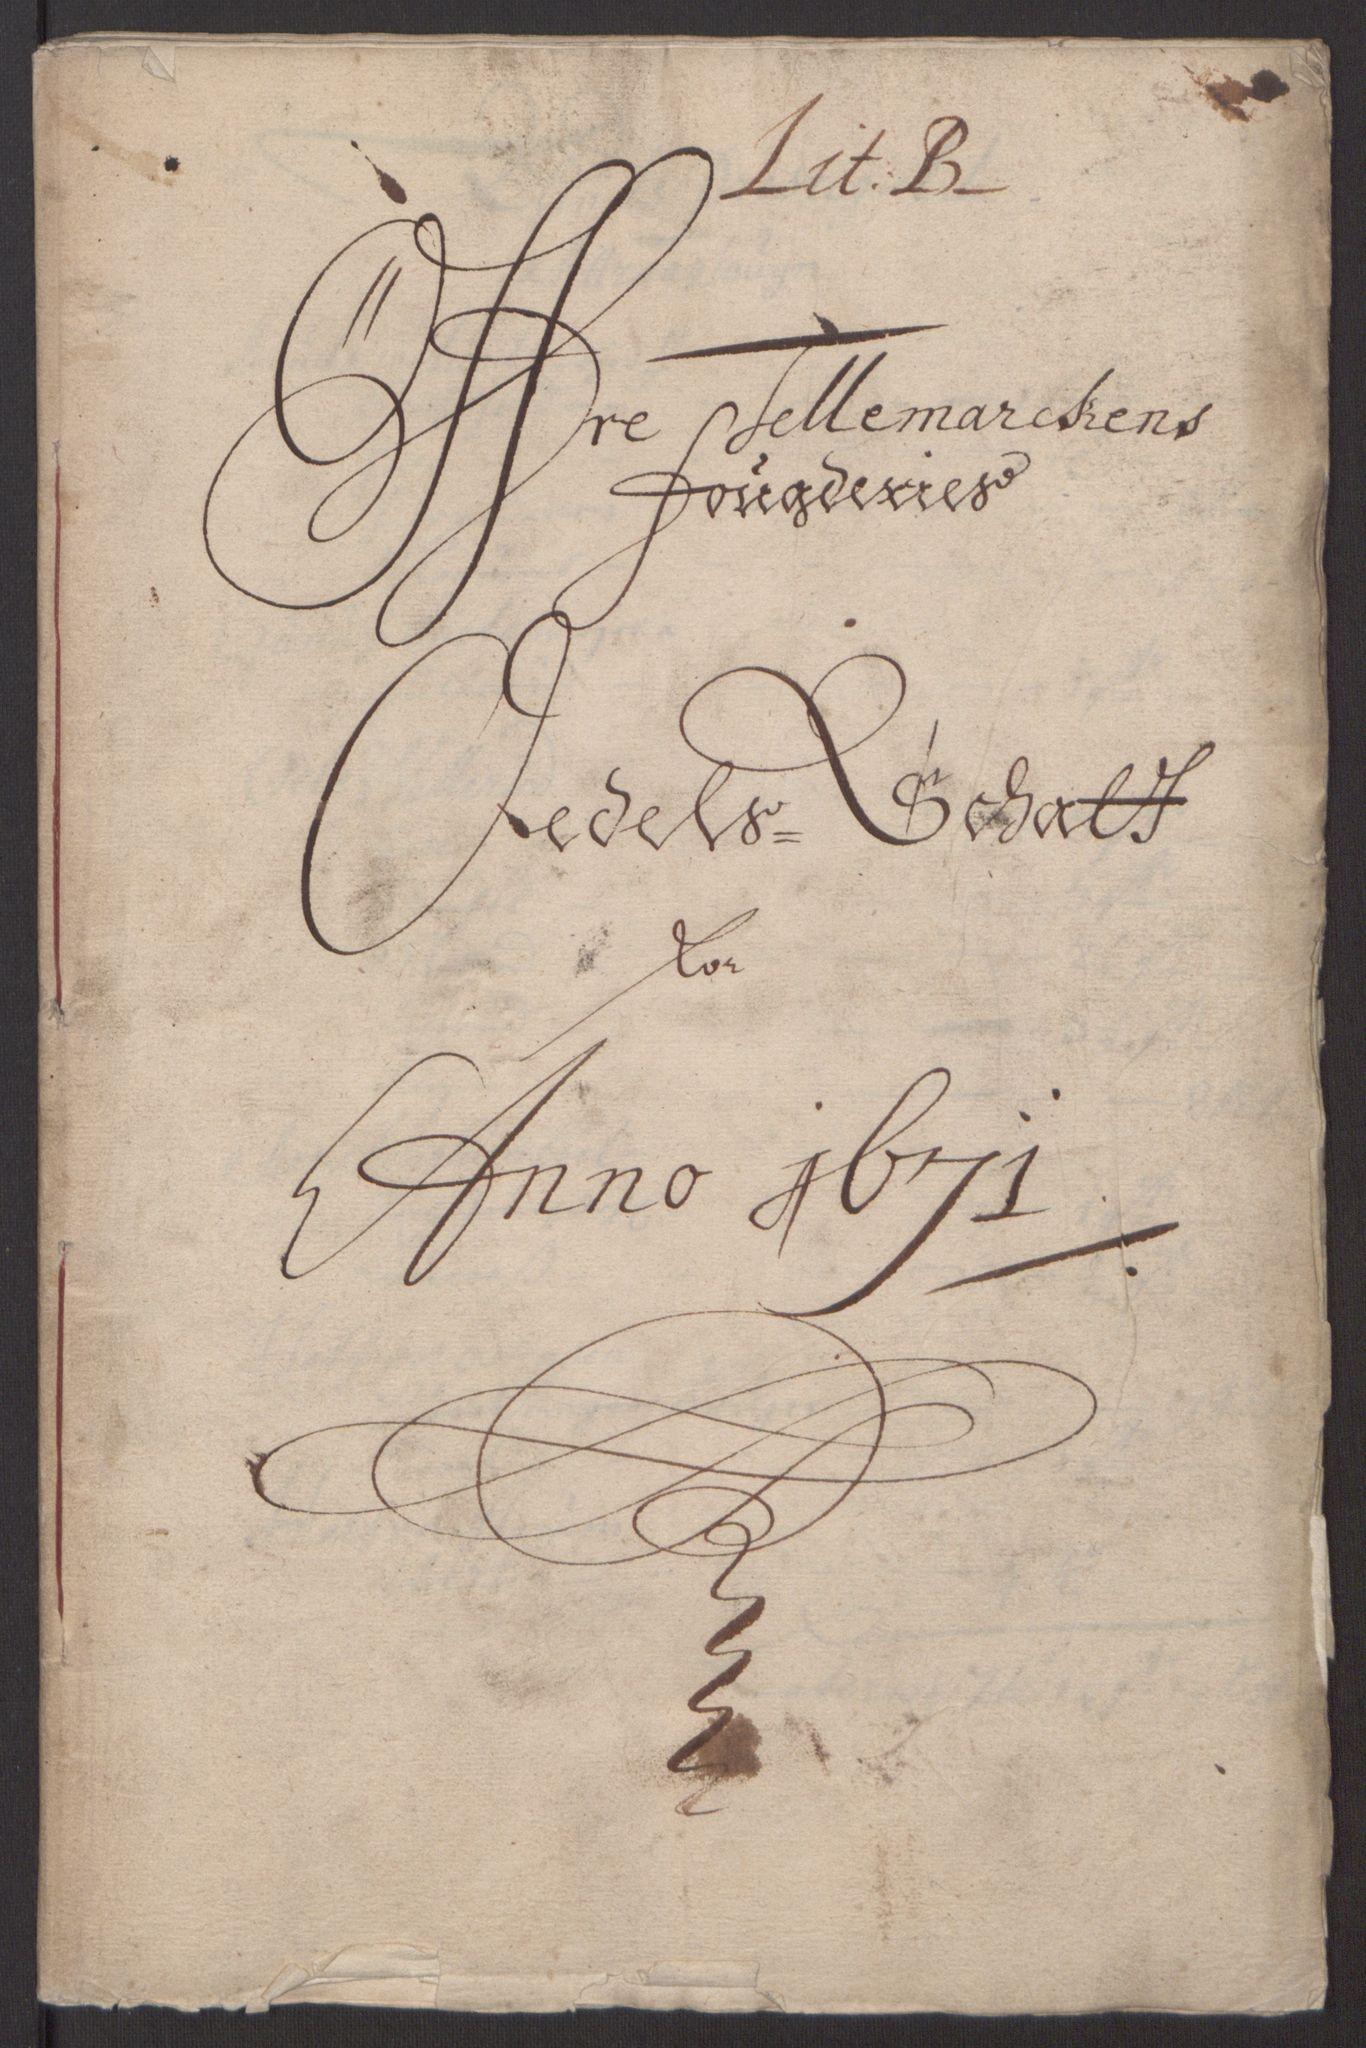 RA, Rentekammeret inntil 1814, Reviderte regnskaper, Fogderegnskap, R35/L2060: Fogderegnskap Øvre og Nedre Telemark, 1671-1672, s. 40